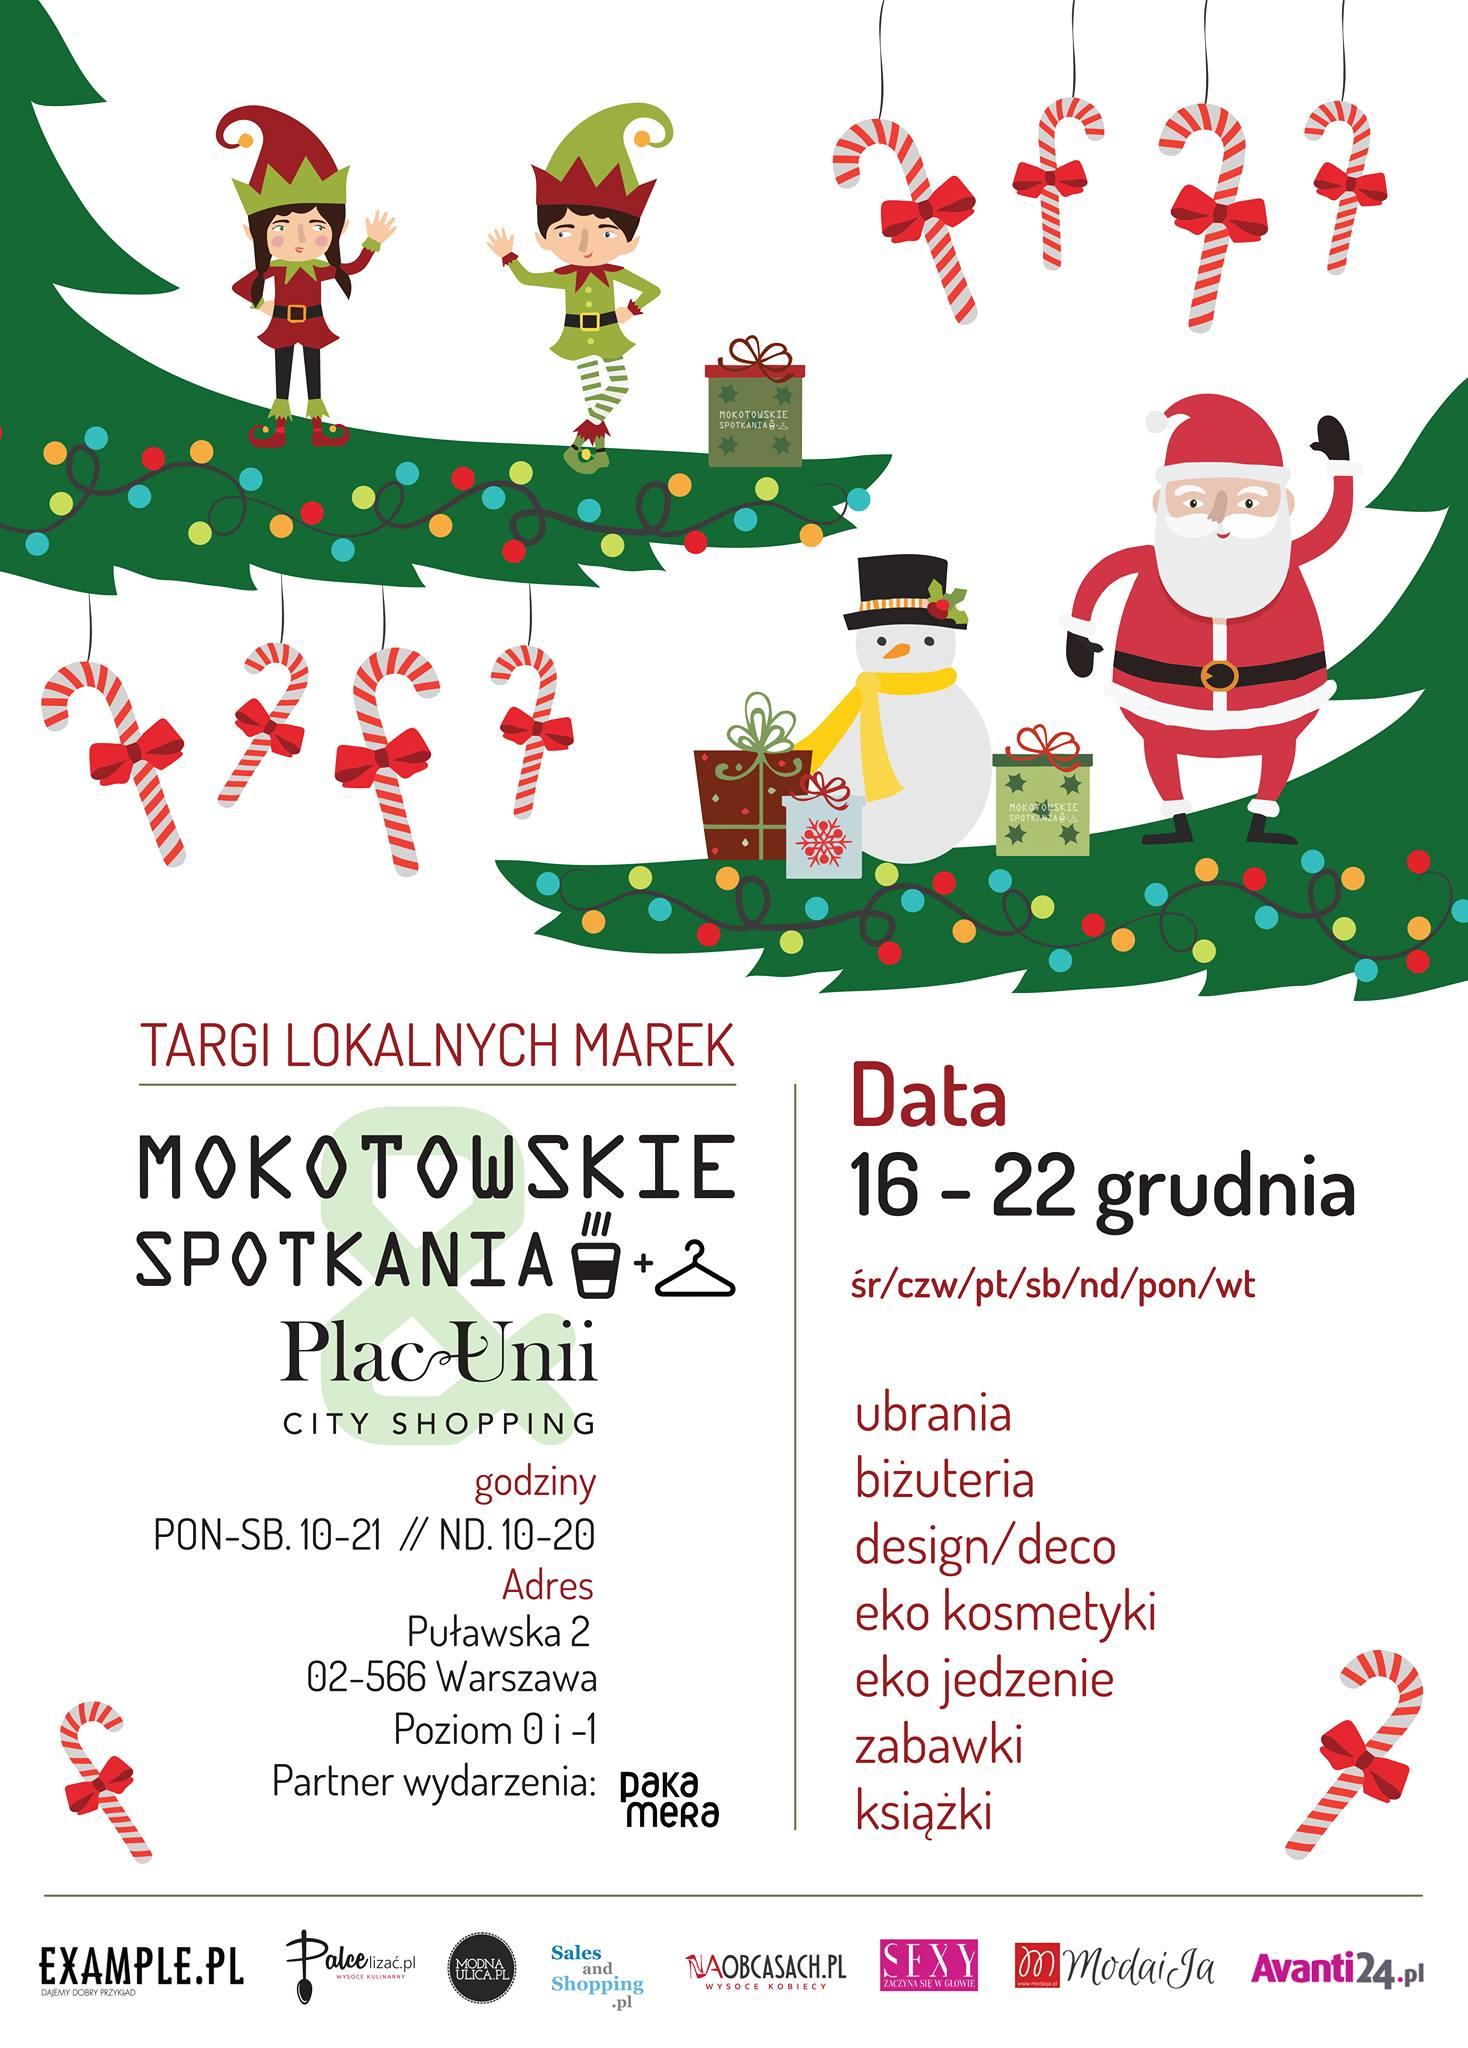 Targi Mody Mokotowskie Spotkania w Warszawie 16-22 grudnia 2015